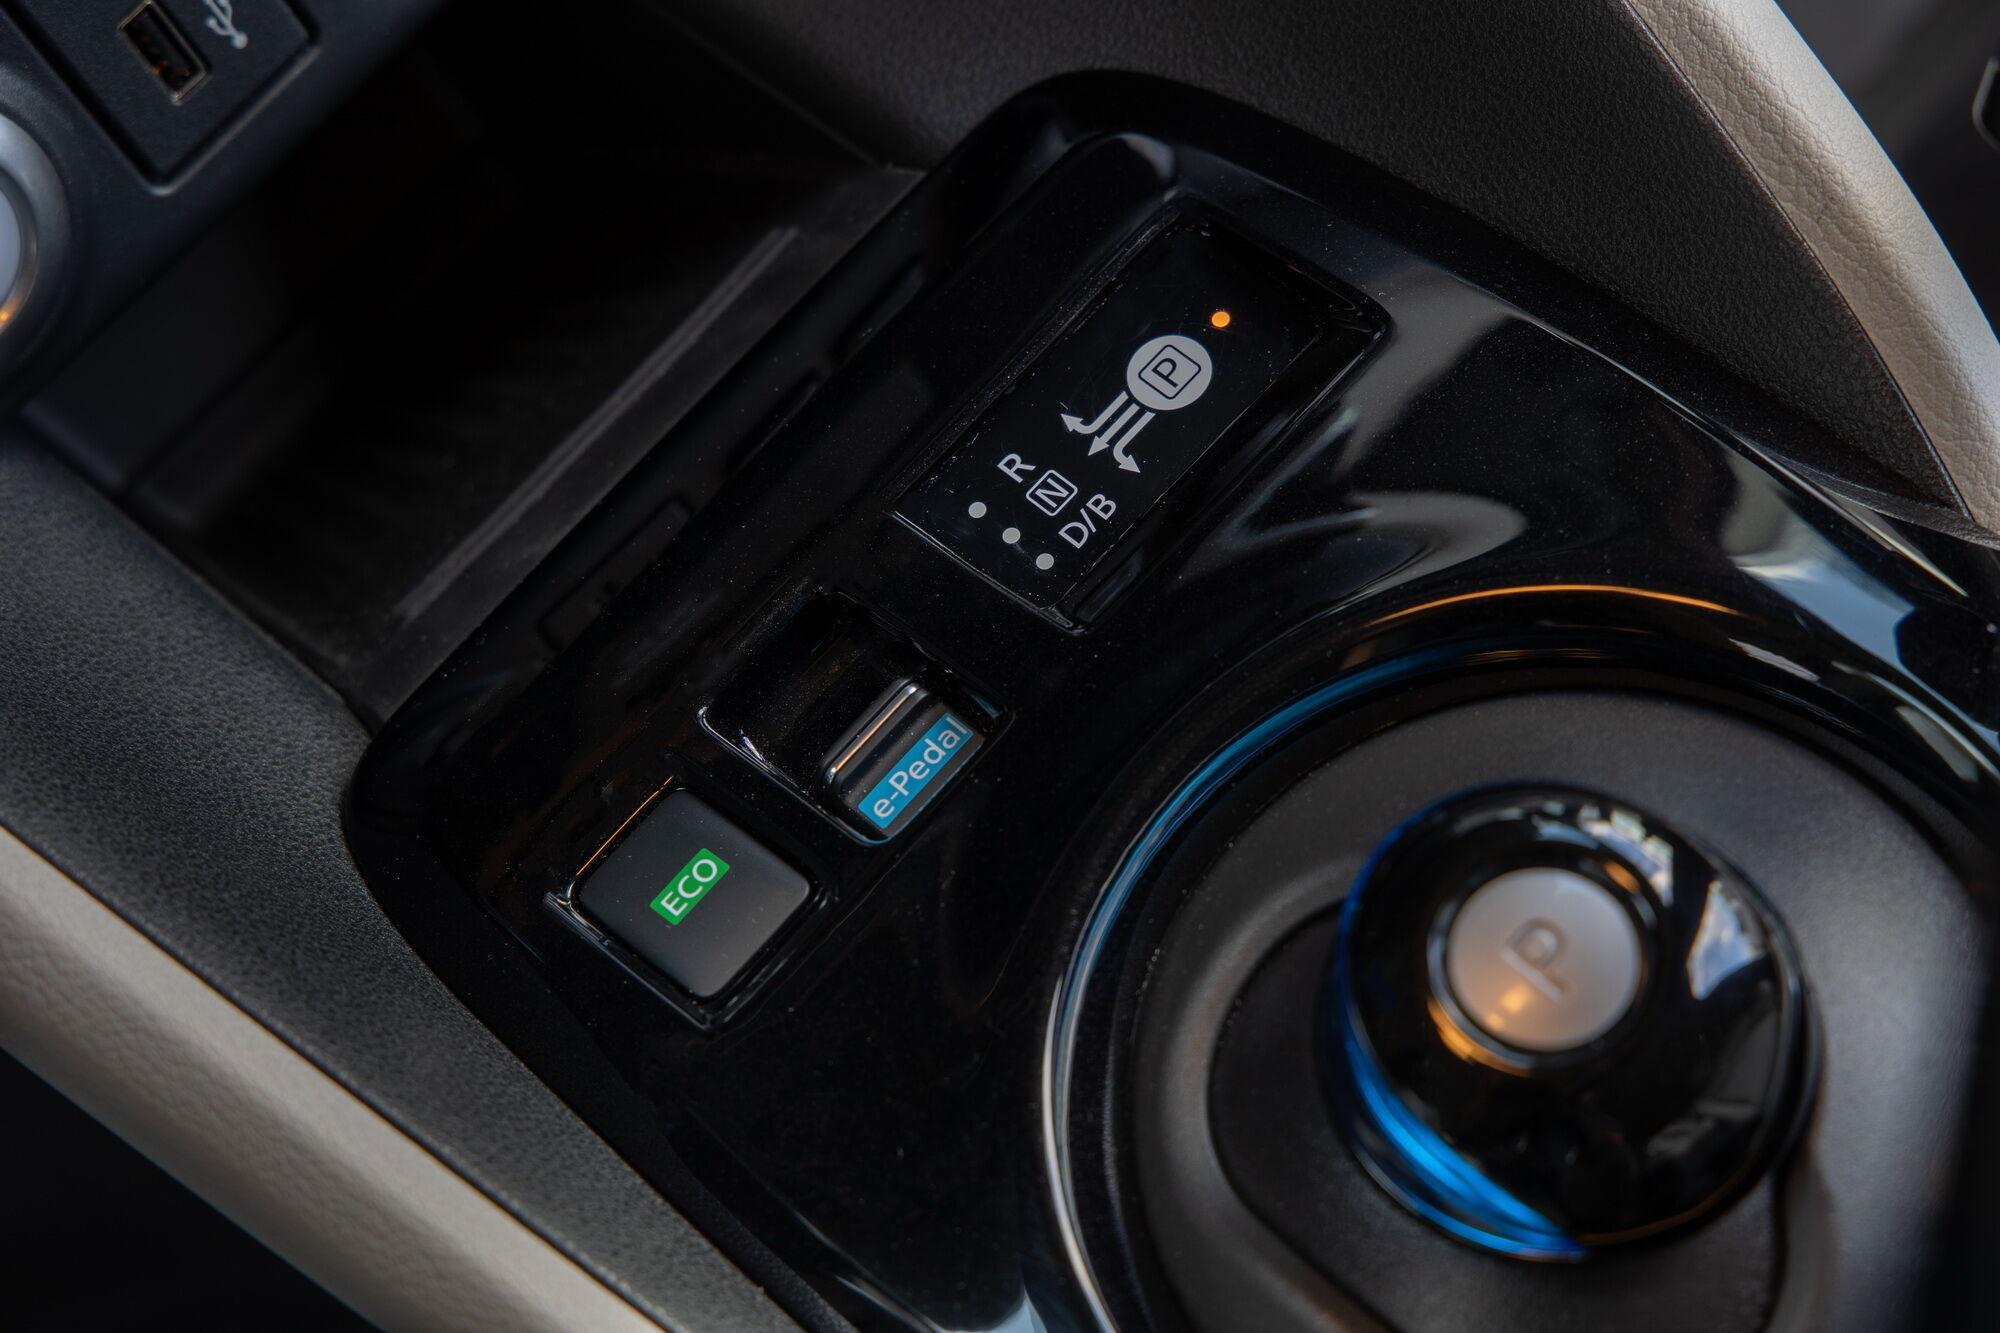 За перемикання режимів руху відповідає оригінальний джойстик на трансмісивному тунелі, а активувати e-Pedal можна за допомогою кнопки